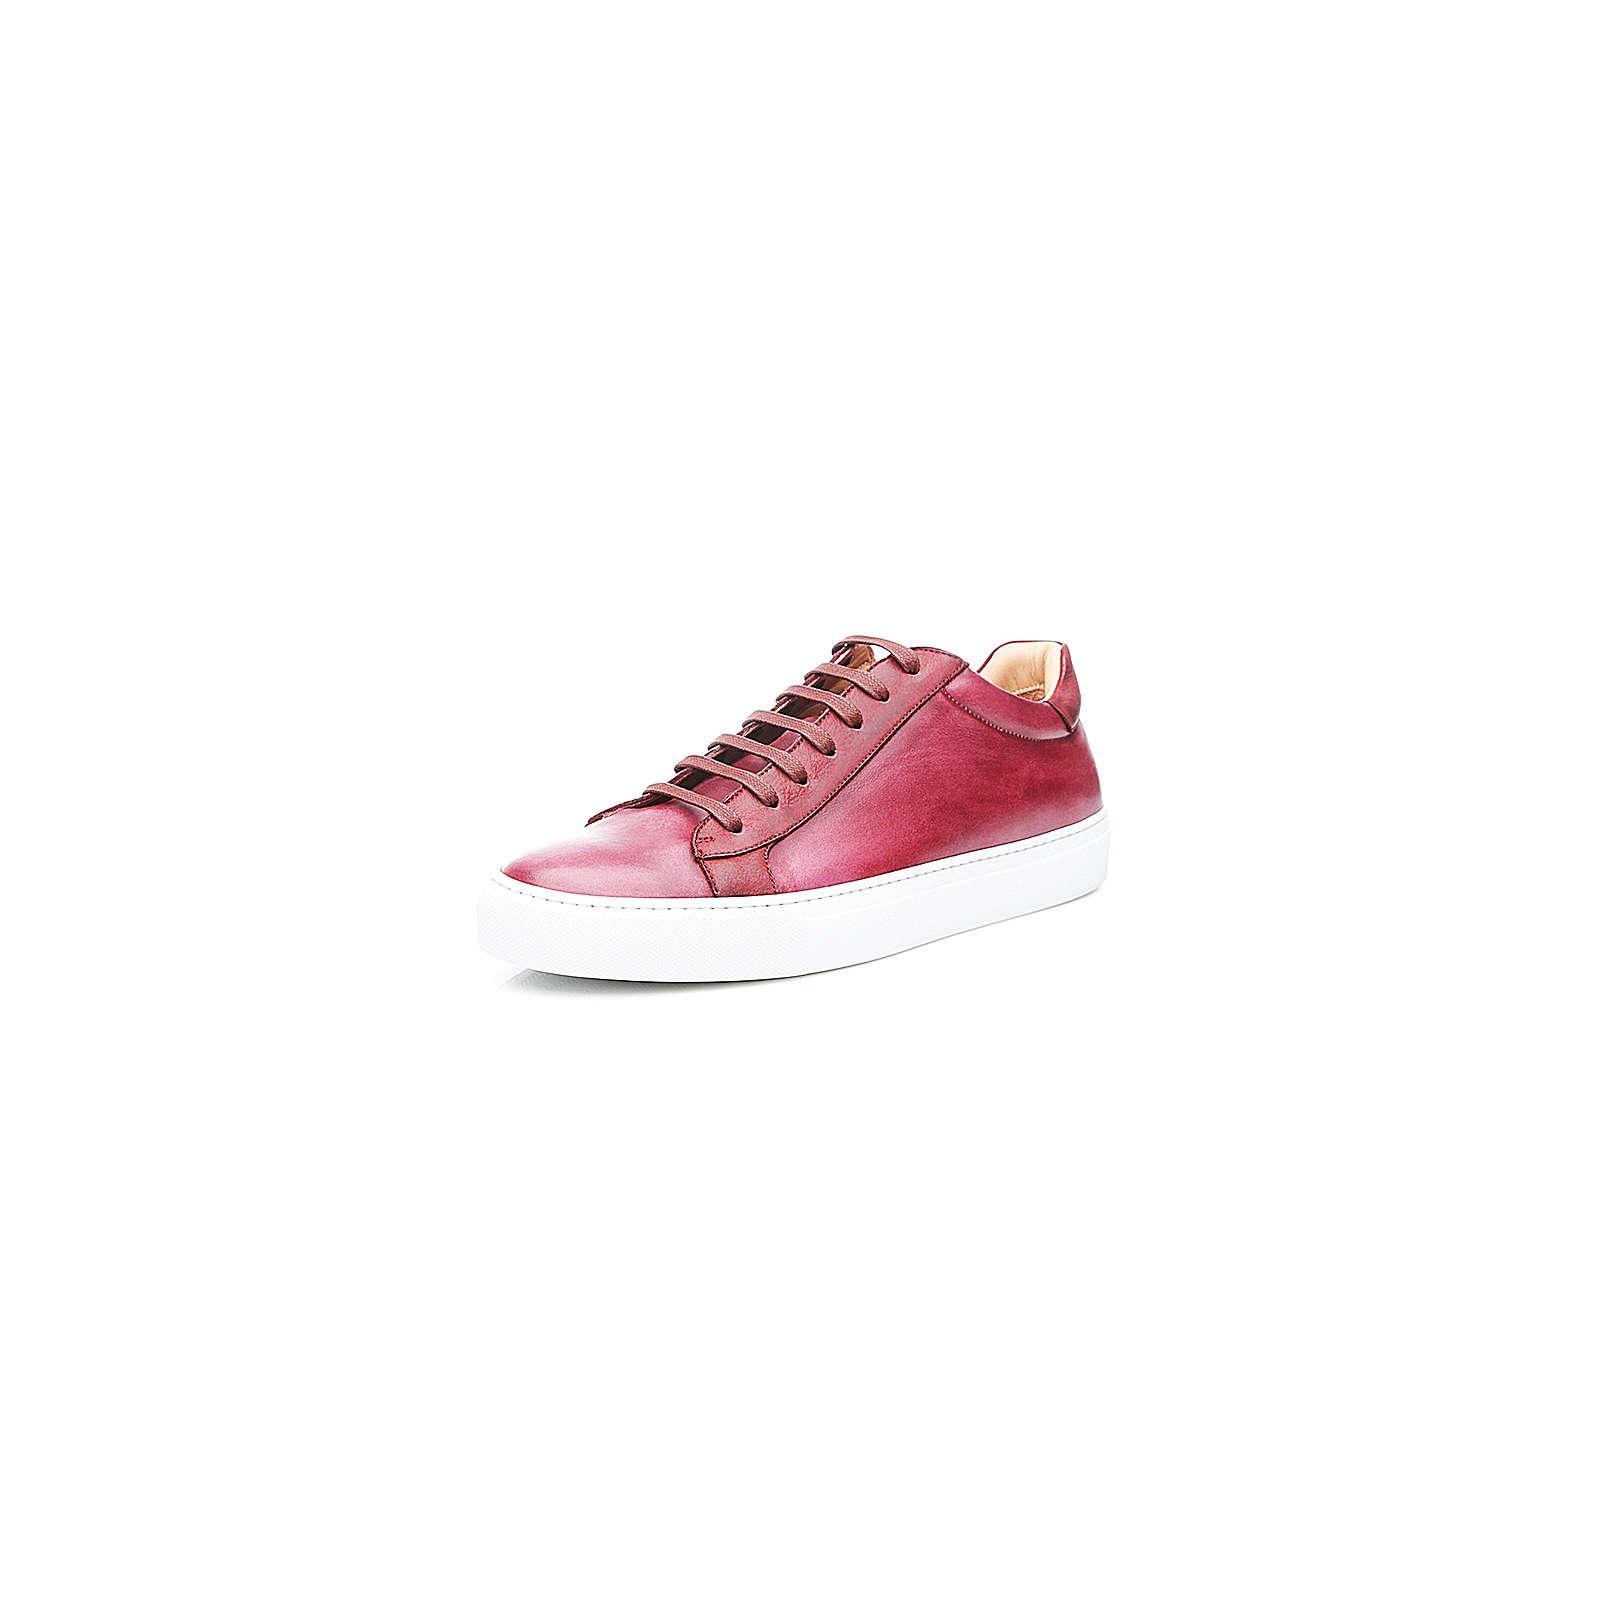 Shoepassion Sneaker No. 52 MS Sneakers Low dunkelrot Herren Gr. 41